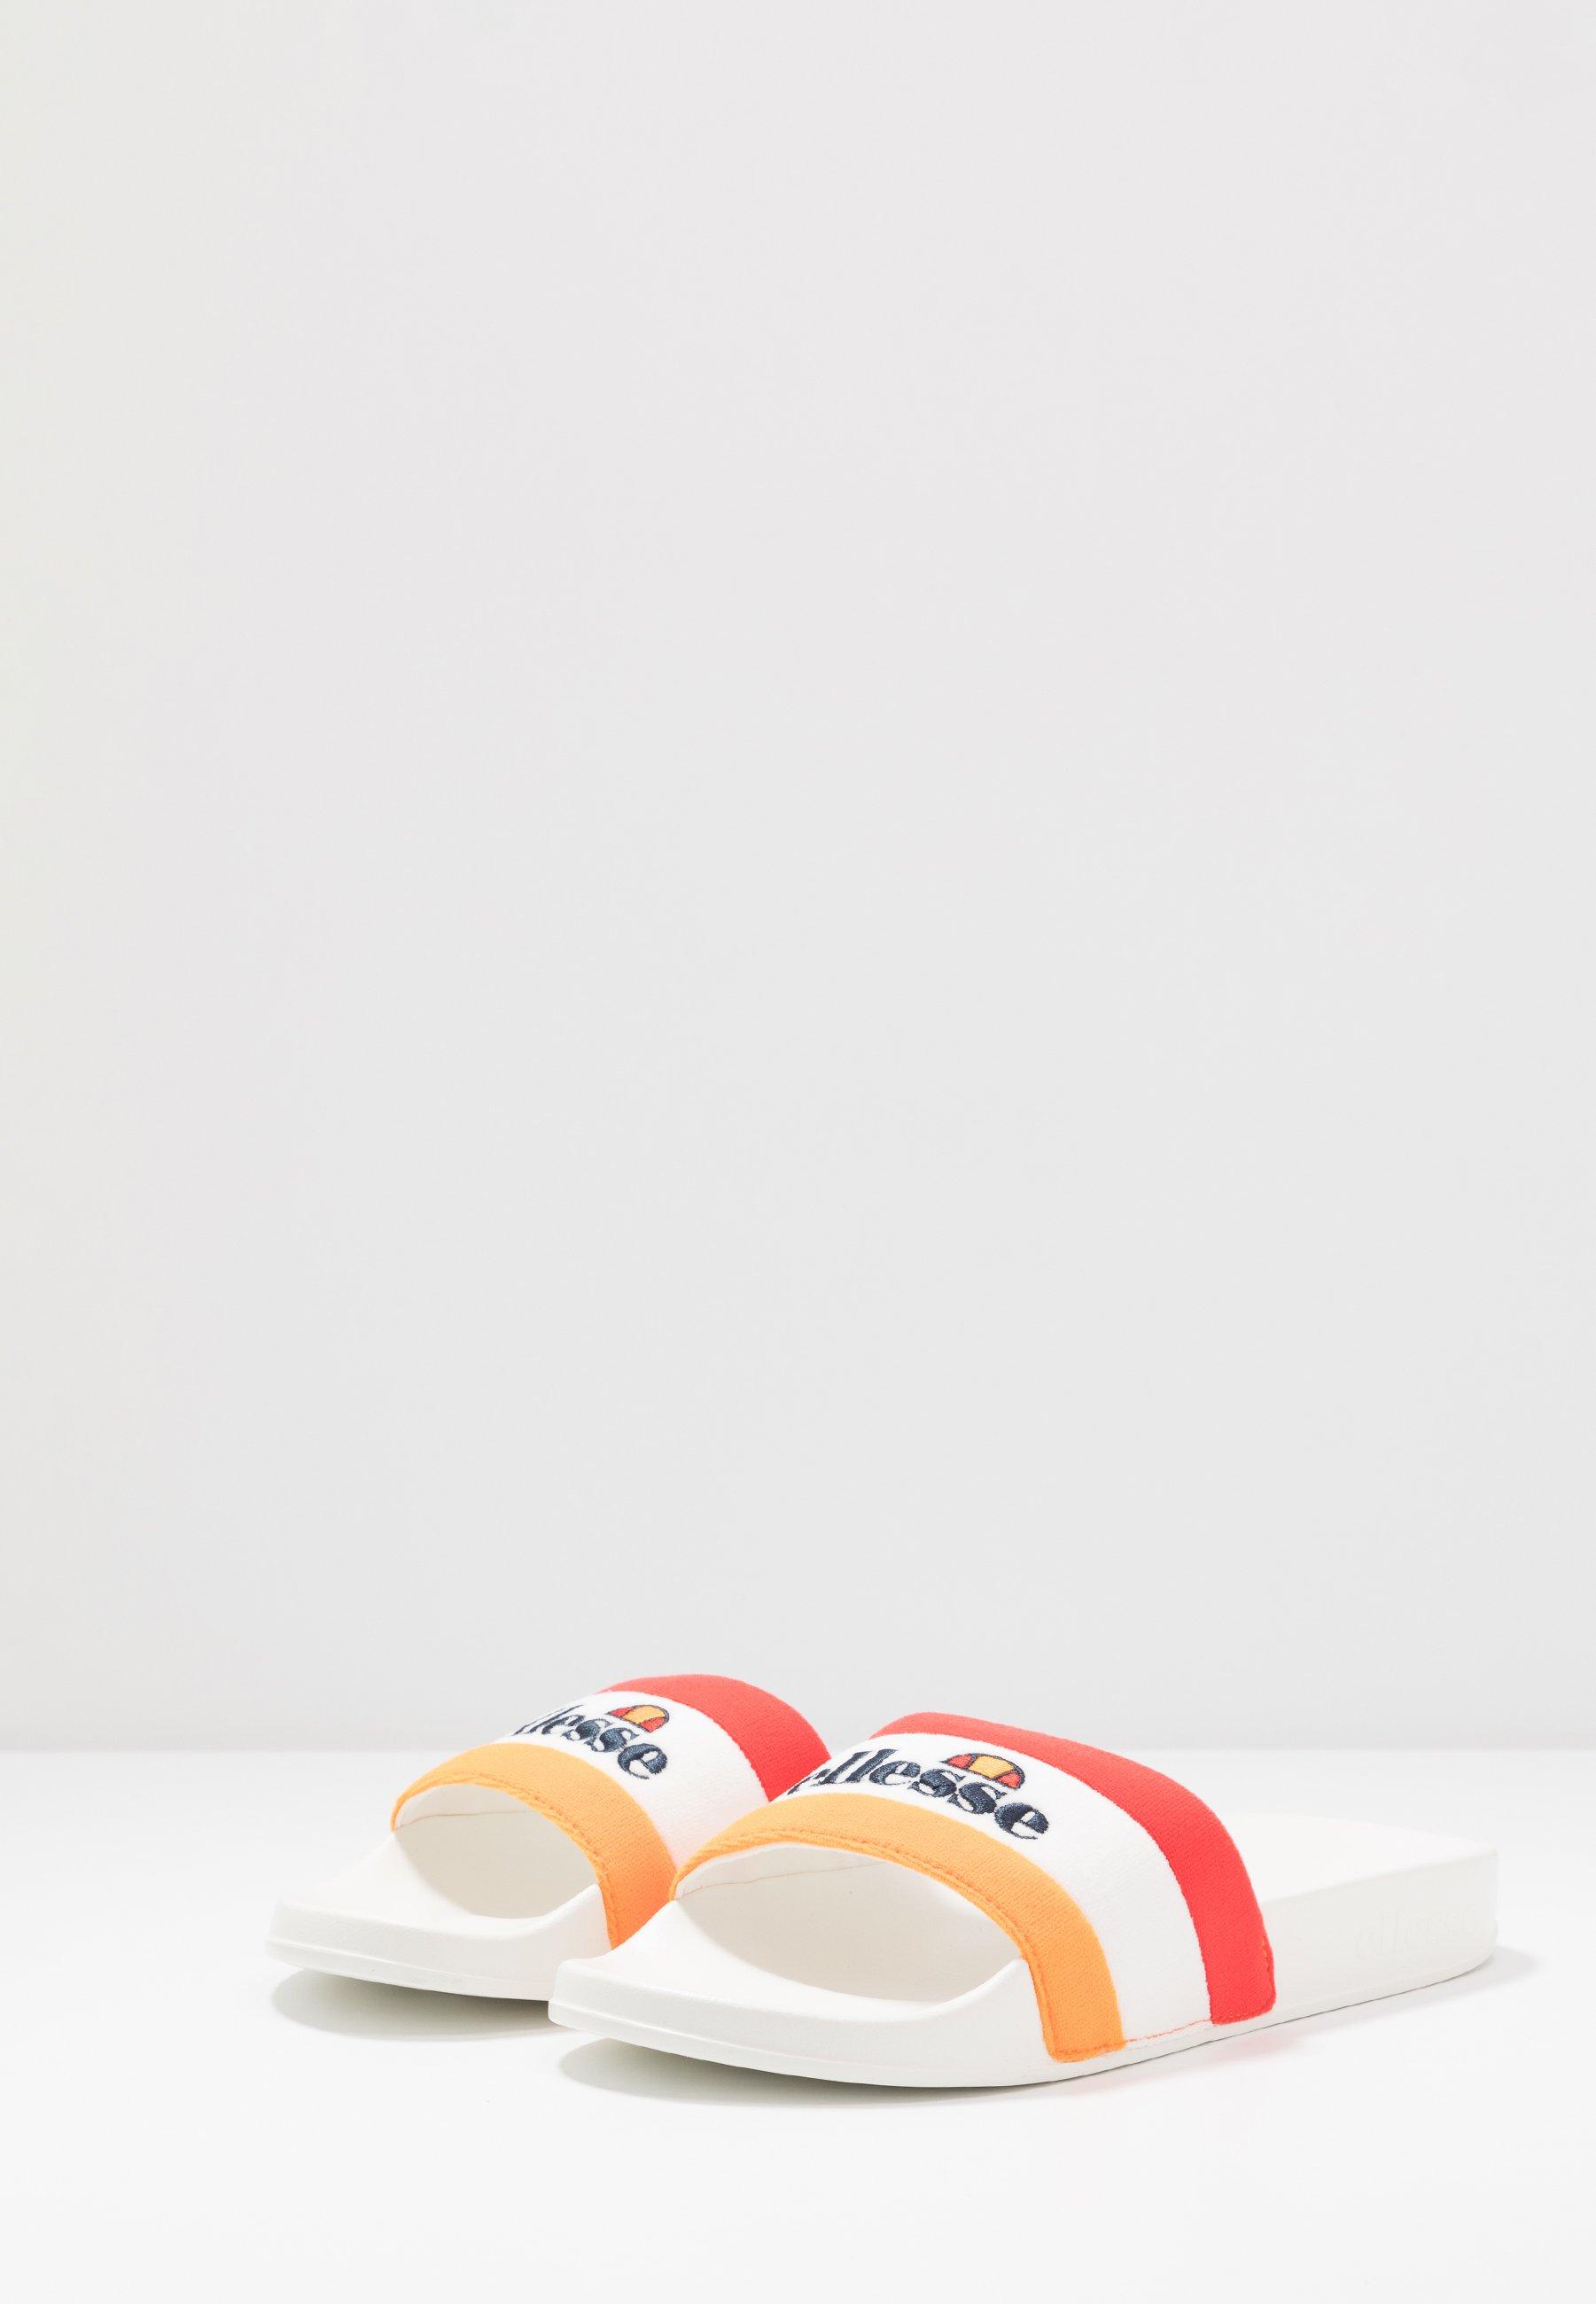 Ellesse Borgaro - Mules Orange/white/red